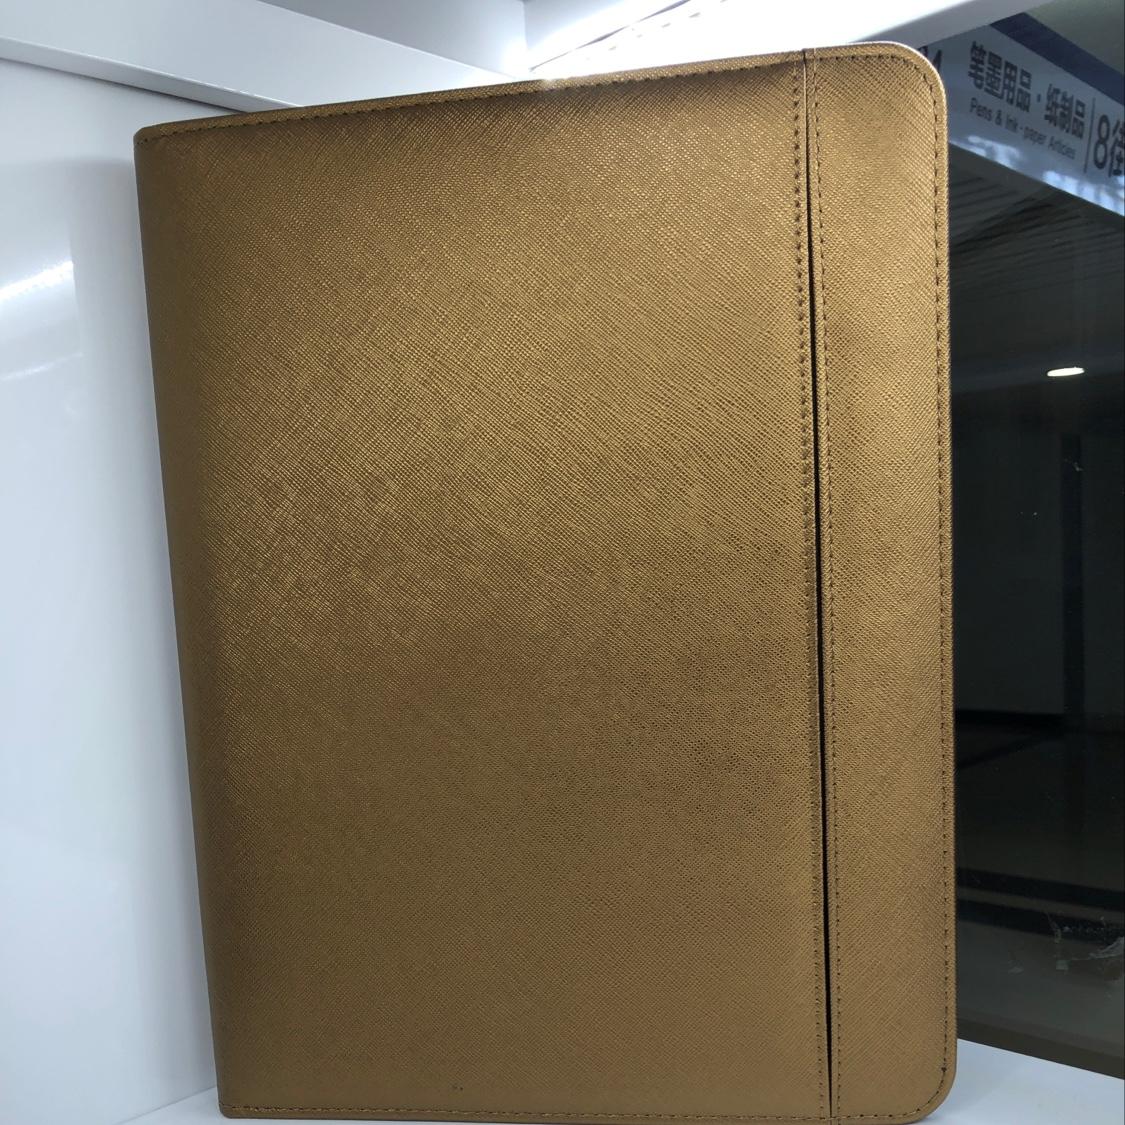 笔记本包高端大气上档次JDs-905